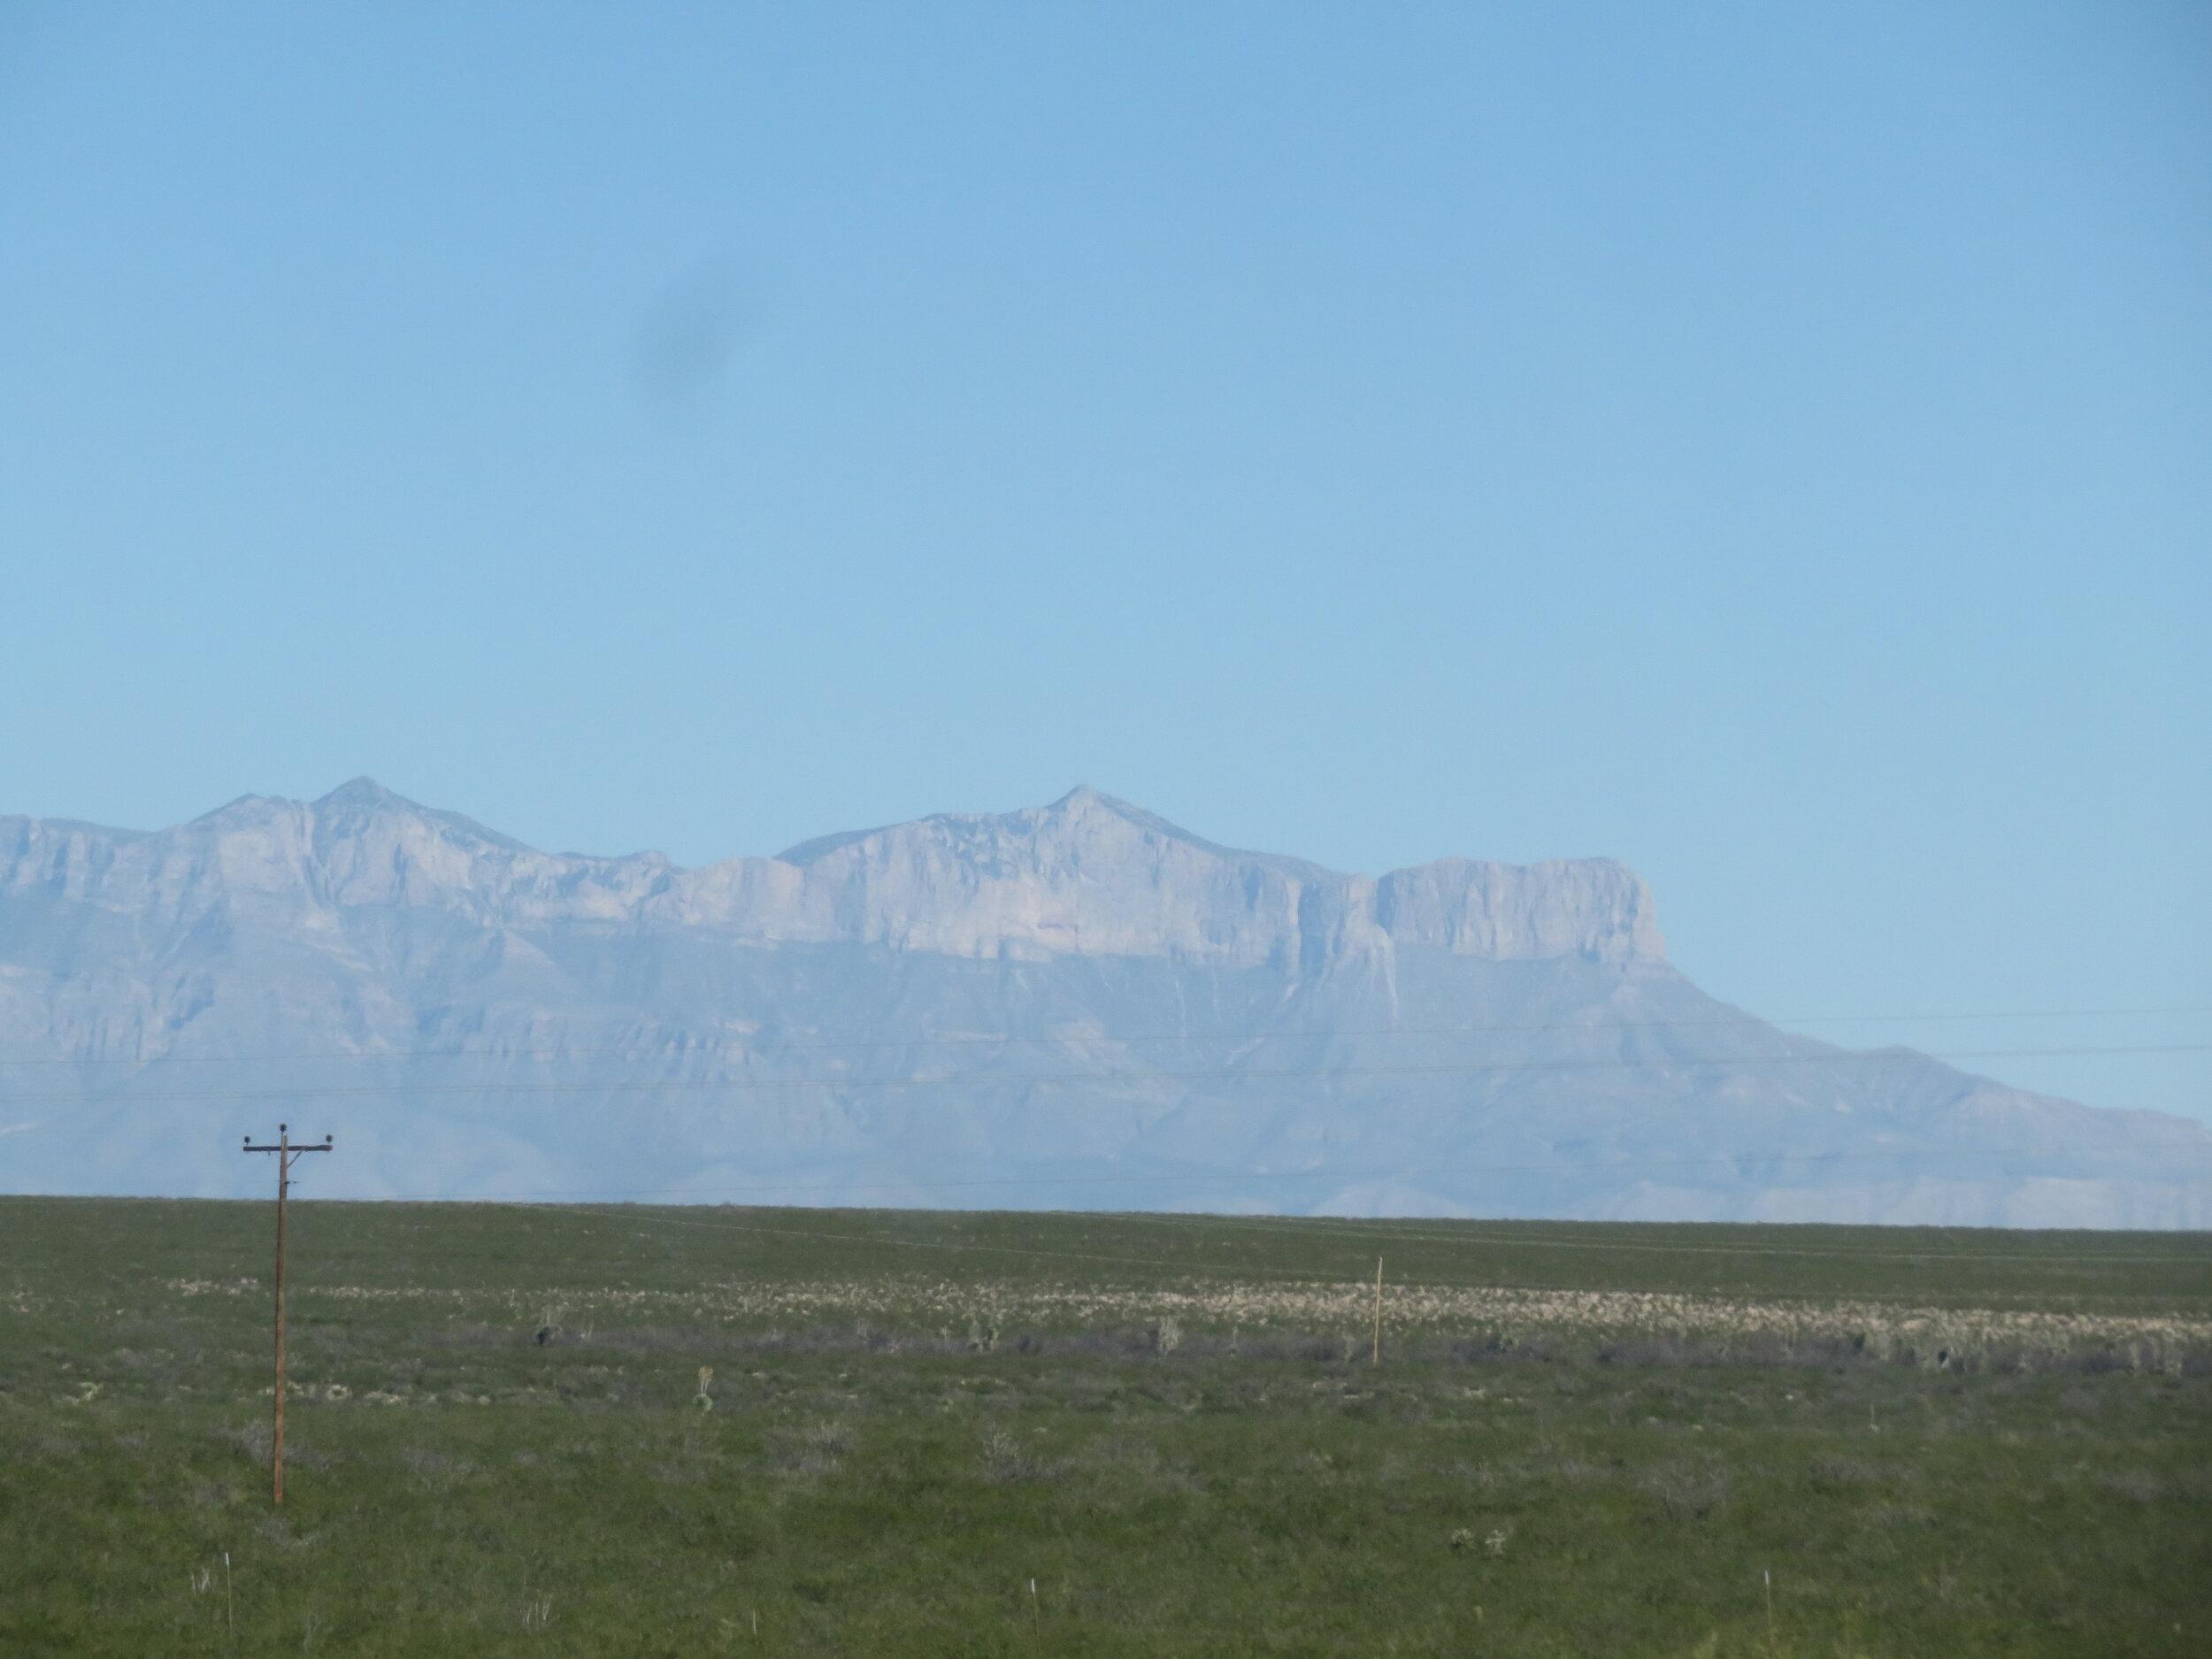 El Capitan 30 miles away